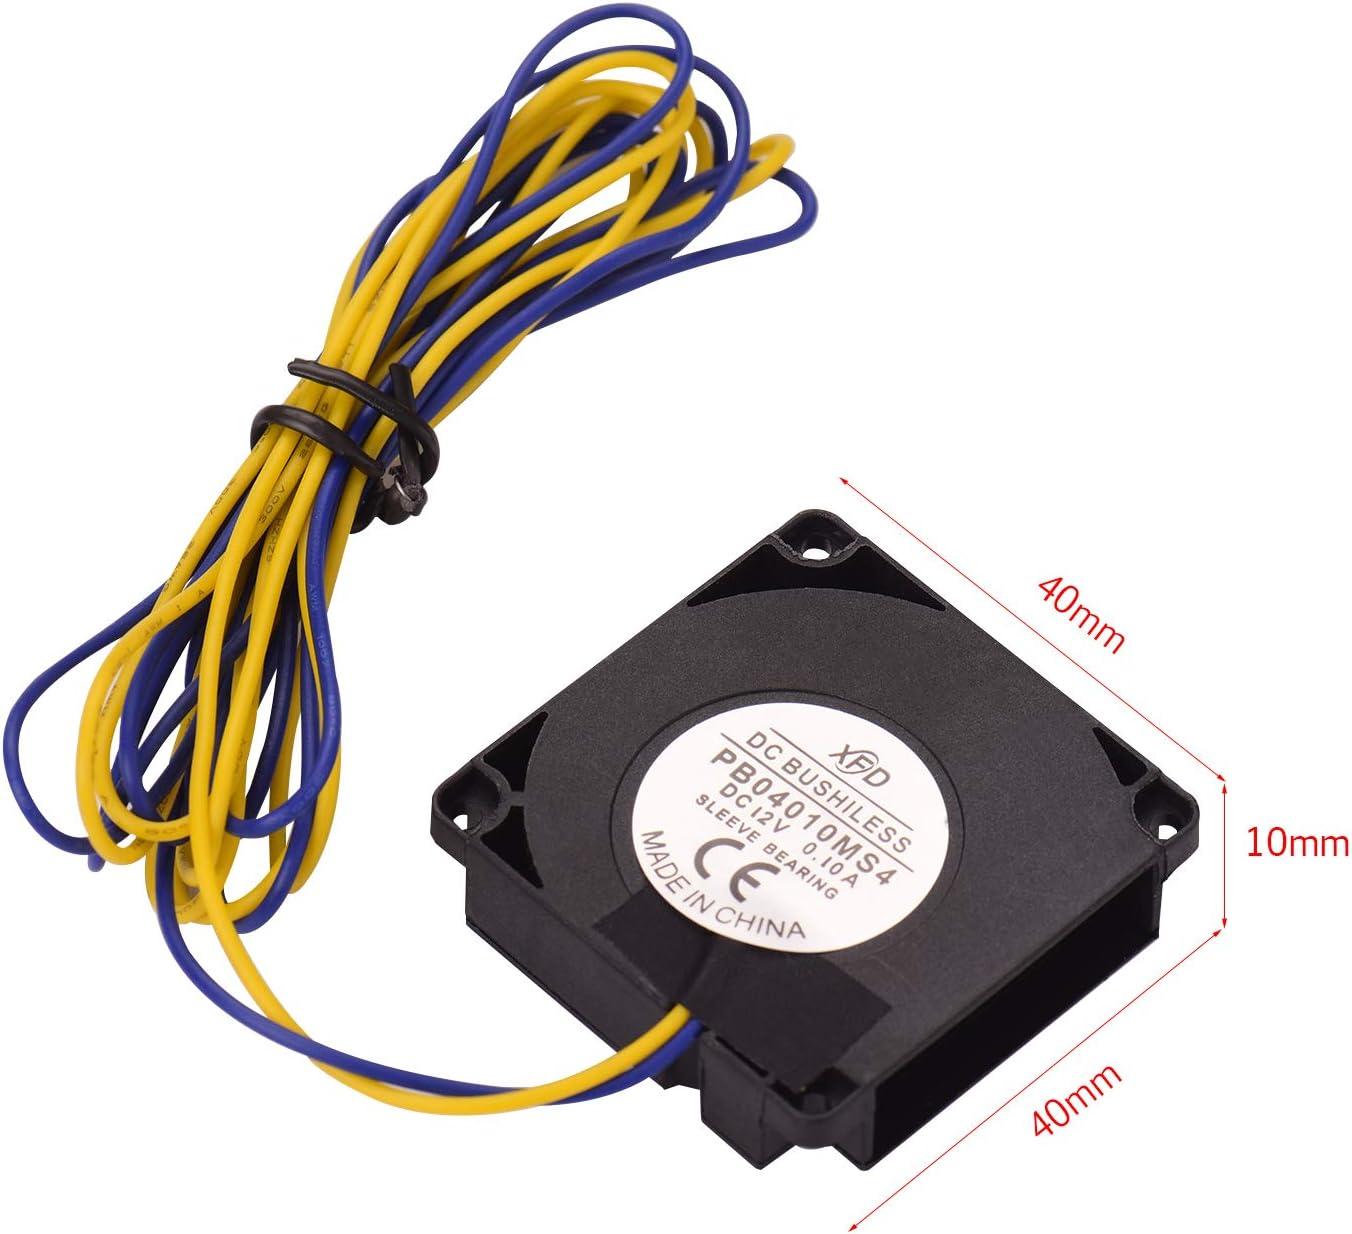 10 mm 12 V cc extrudeuse extr/émit/é chaude ventilateur de refroidissement refroidisseur compatible avec limprimante 3D Creality CR-10 CR-10S S4 S5 40 Fesjoy 4010 ventilateur ventilateur 40